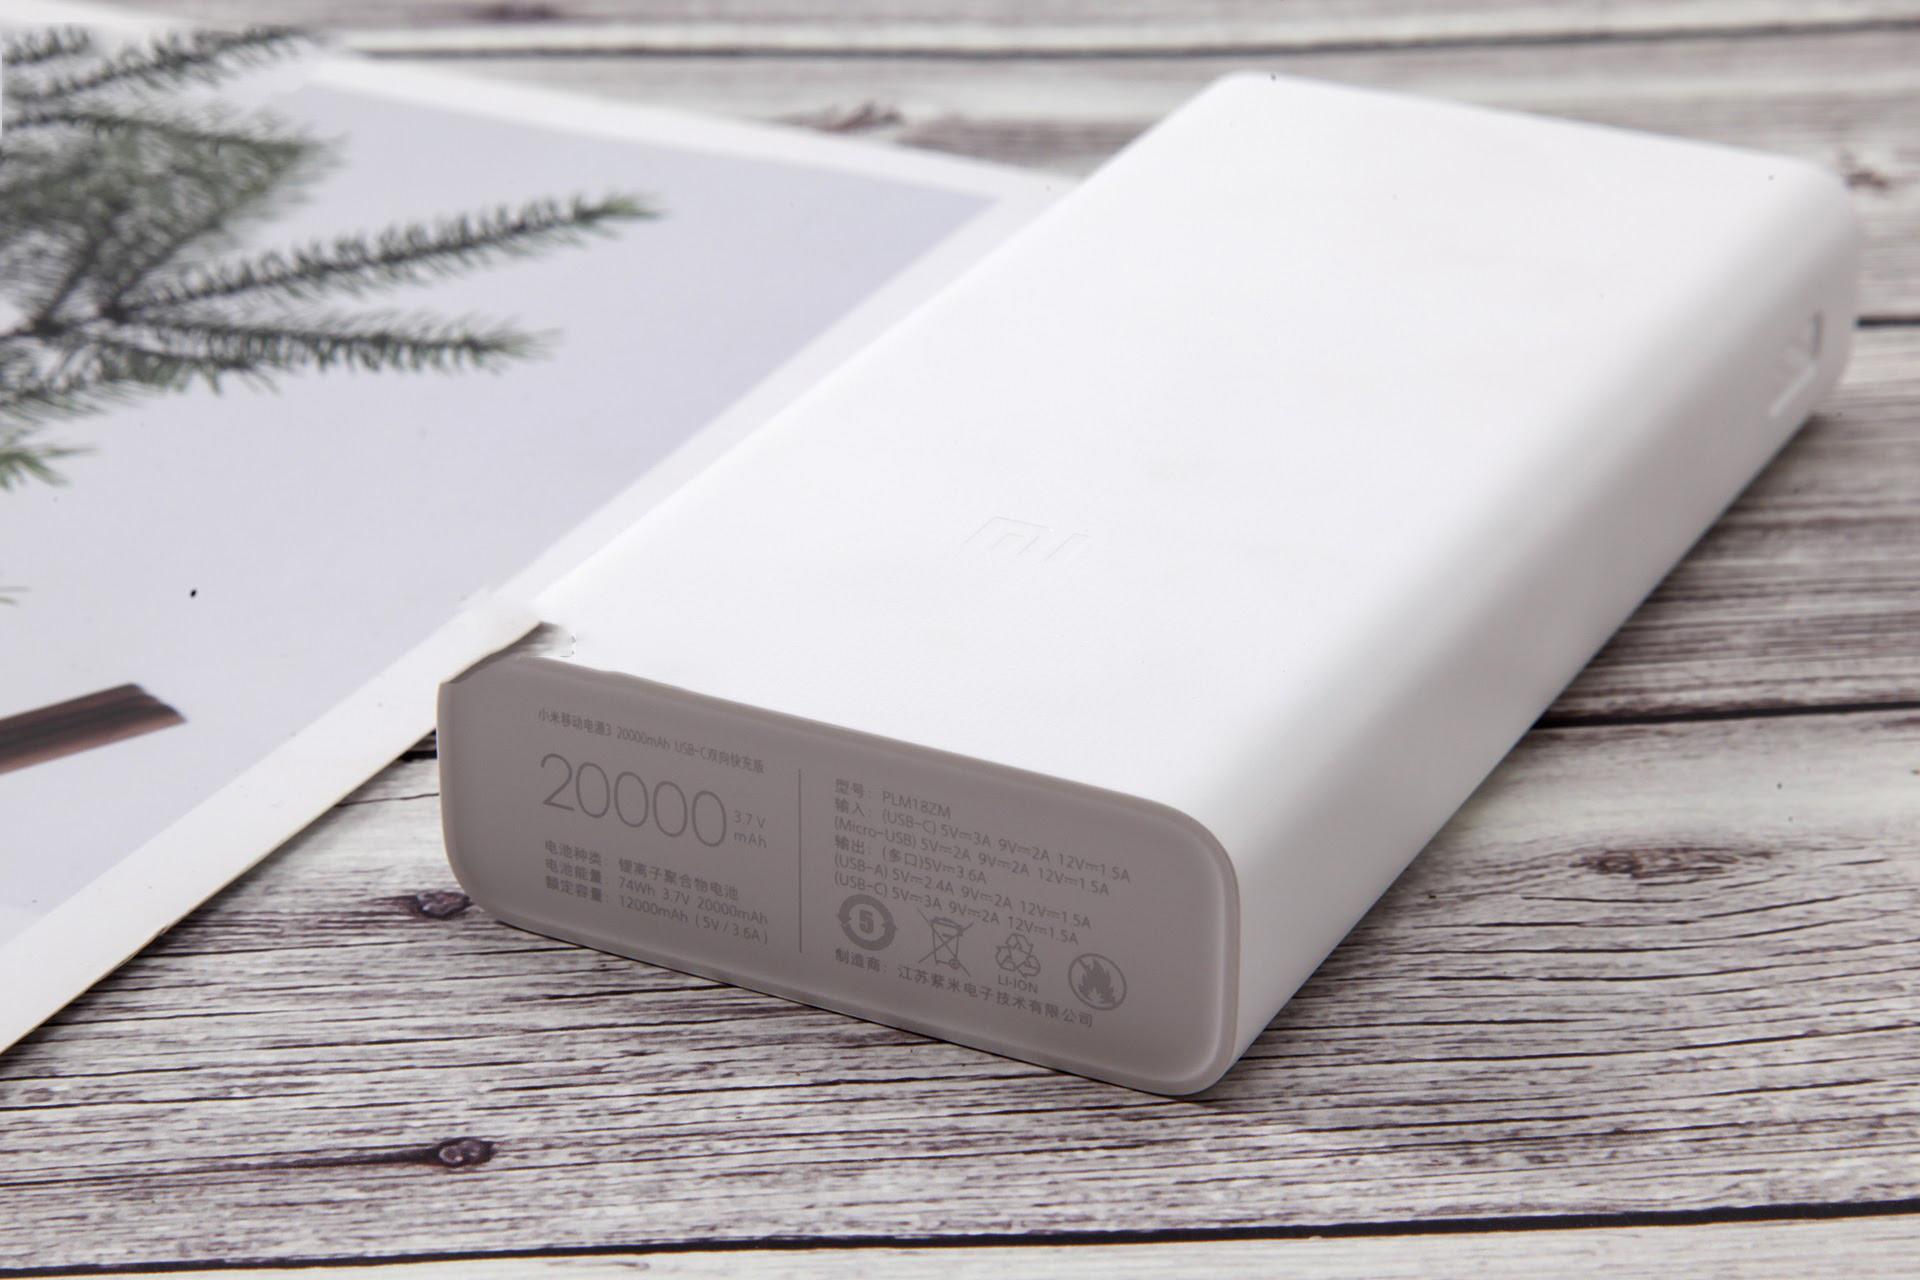 Pin sạc dự phòng 20000mAh Xiaomi gen 3 18W - Xiaomi Nghệ An